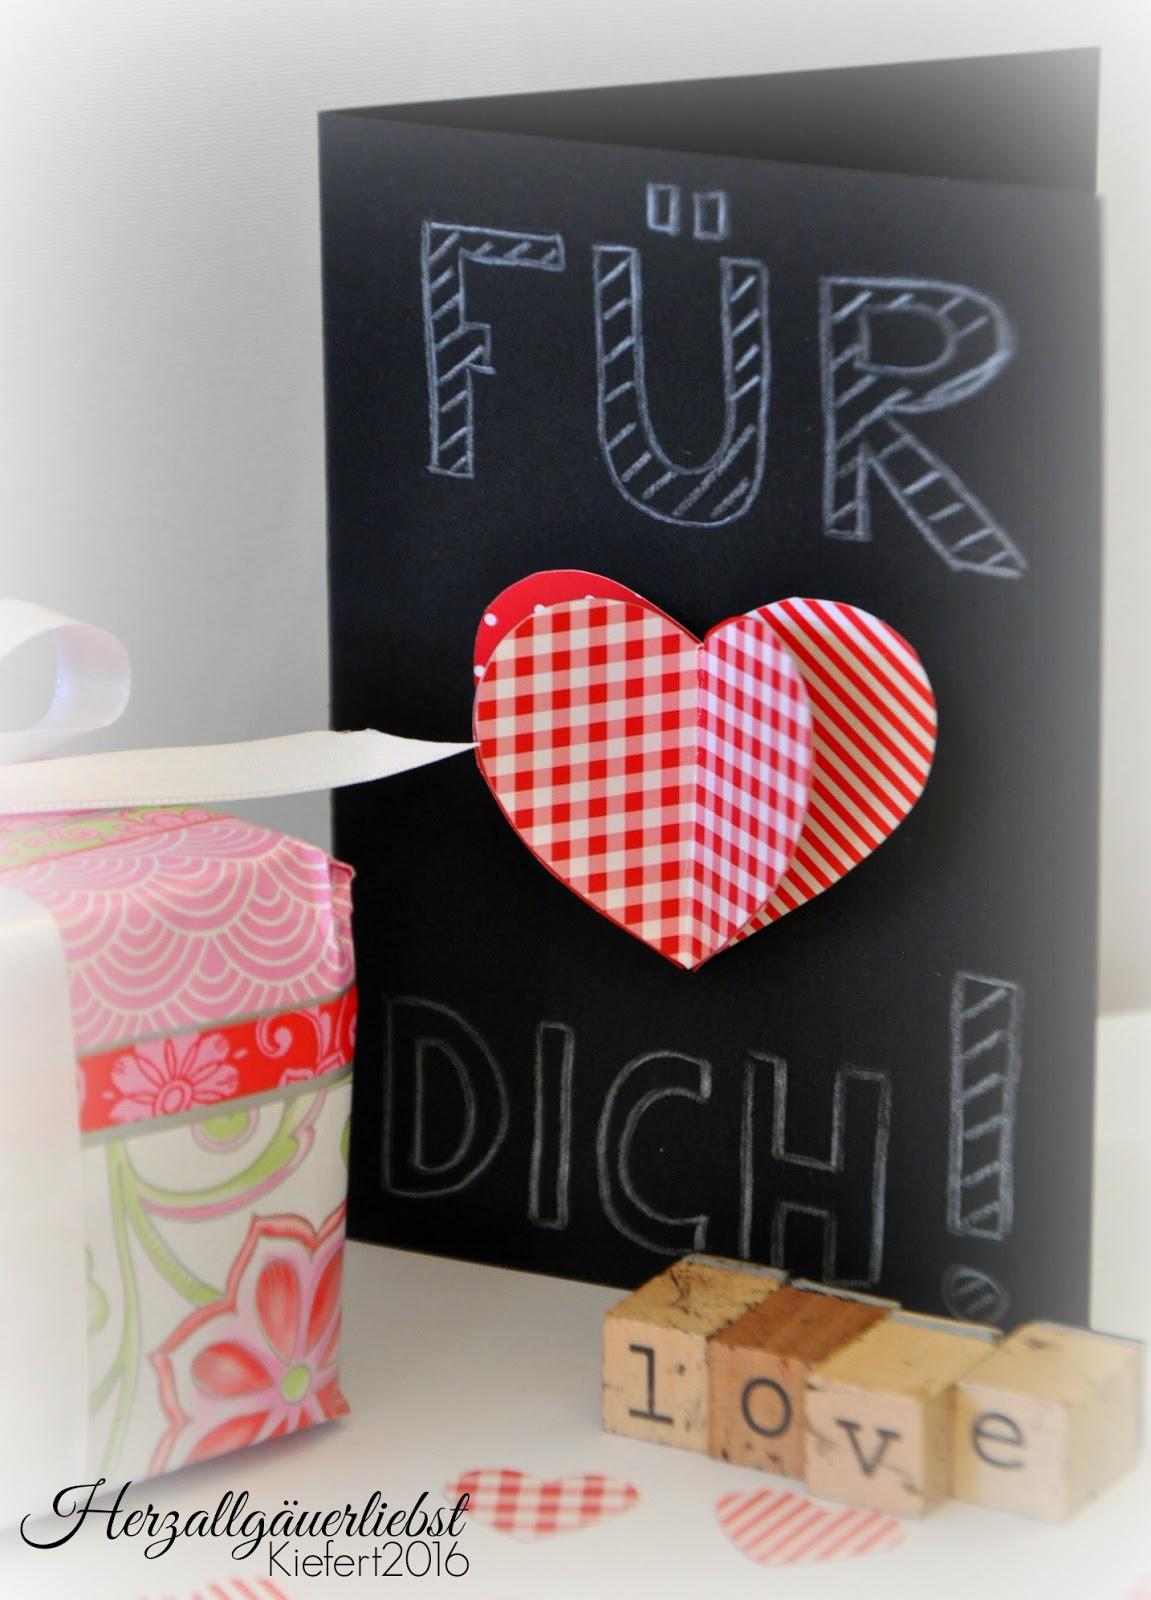 herzallg uerliebst am ist valentinstag basteltipp. Black Bedroom Furniture Sets. Home Design Ideas